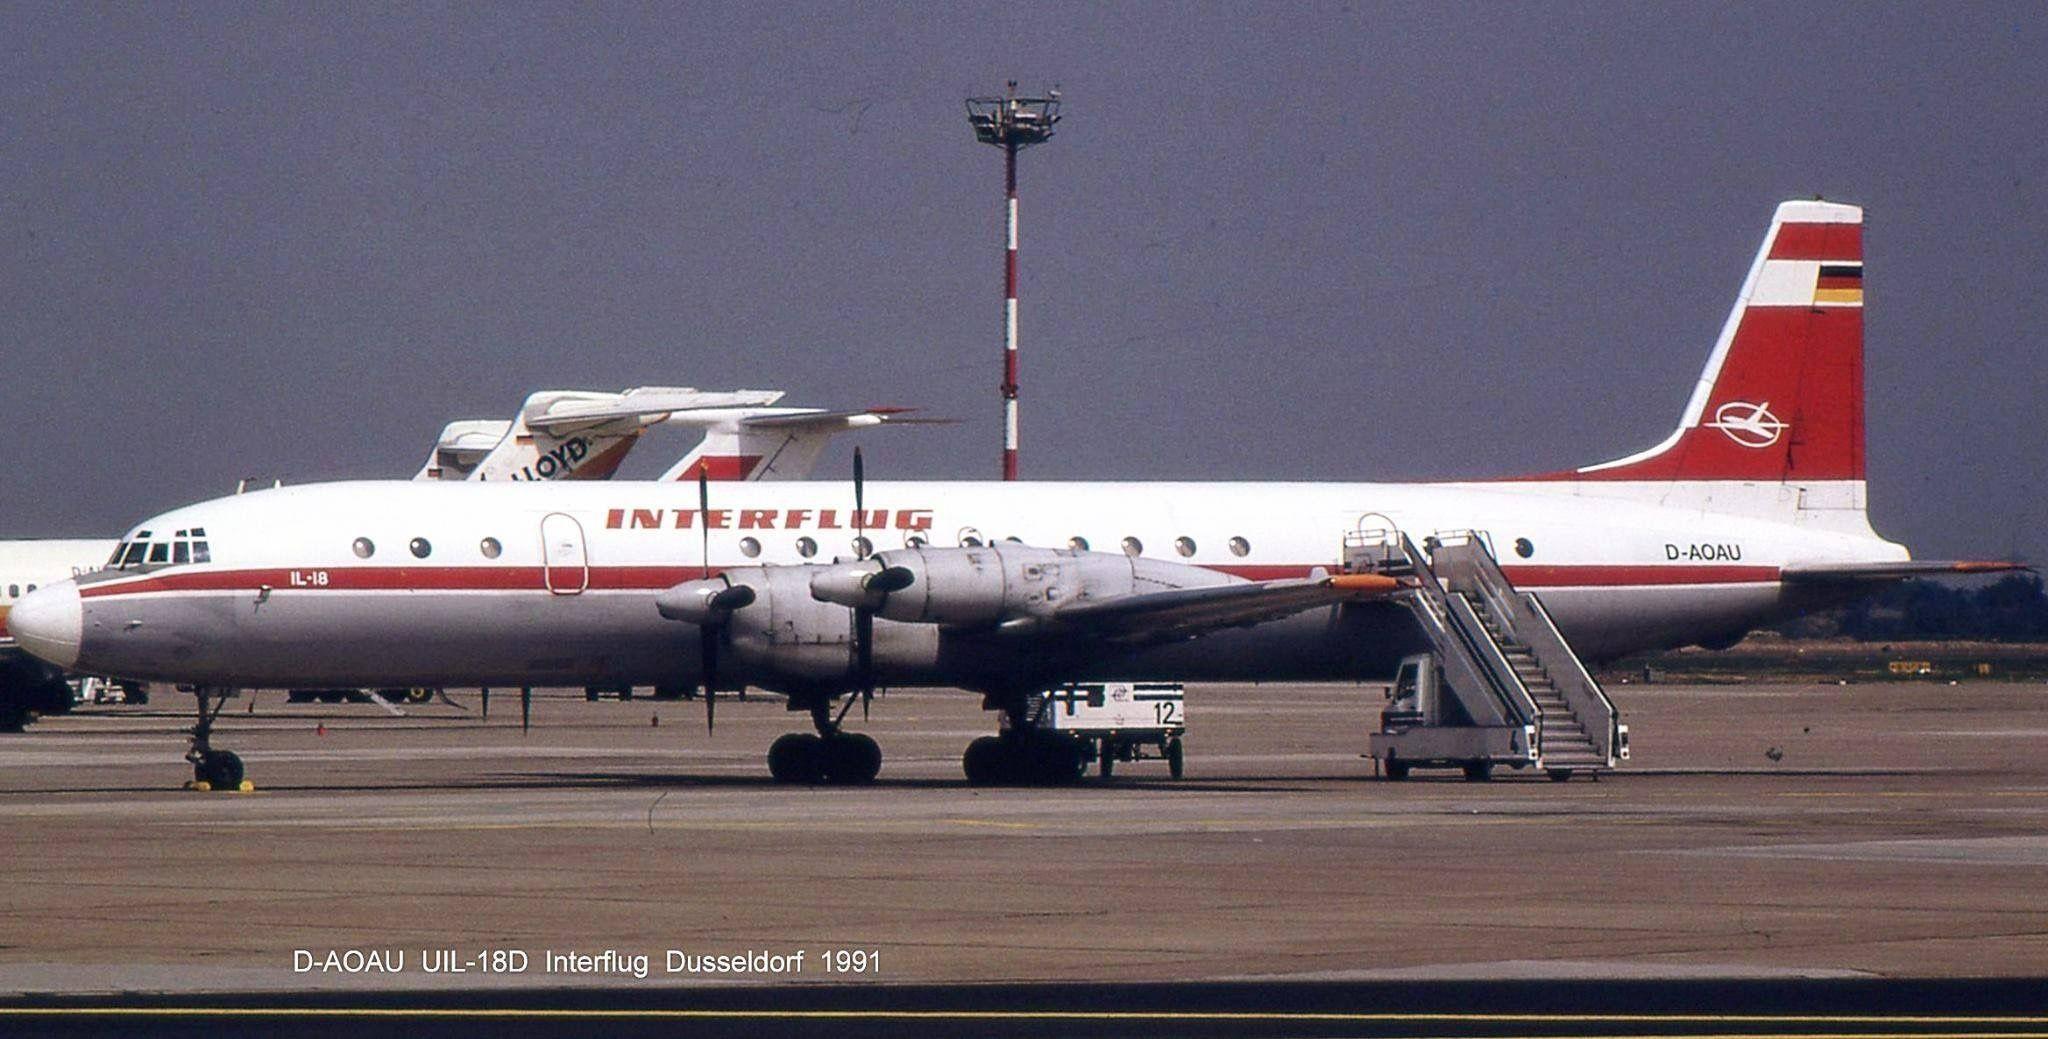 Inter Ilyushin IL18 at Düsseldorf 1991 Flugzeug, Ddr